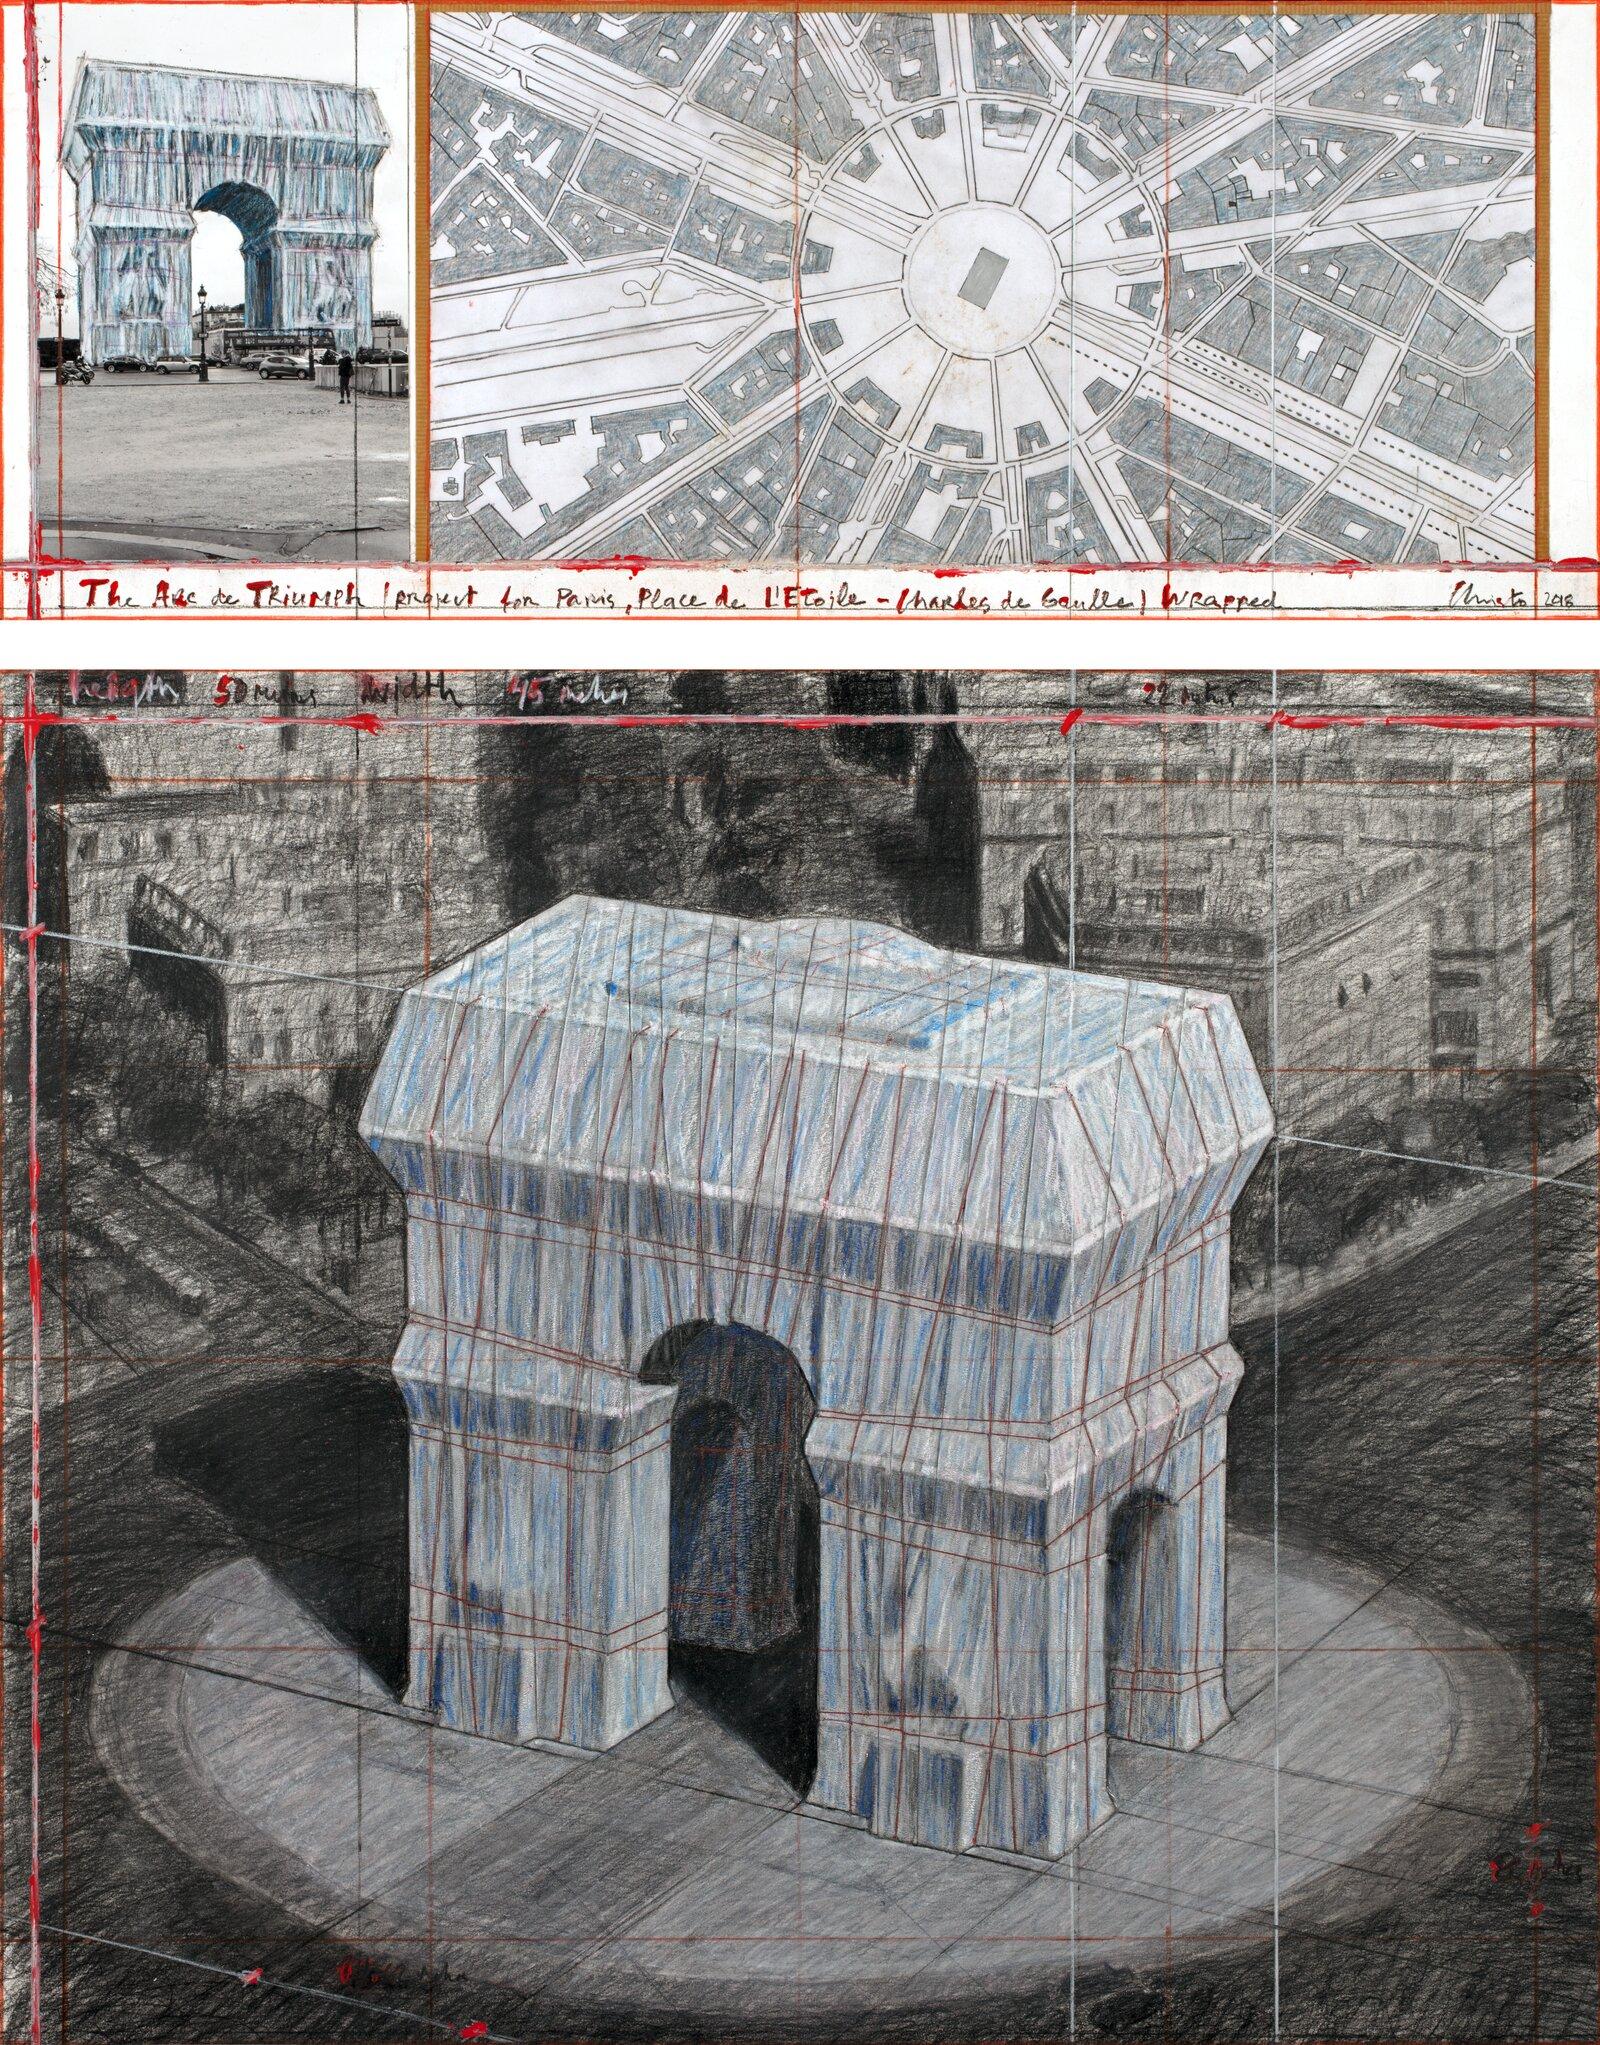 Arc de Triomphe Wrapped Project